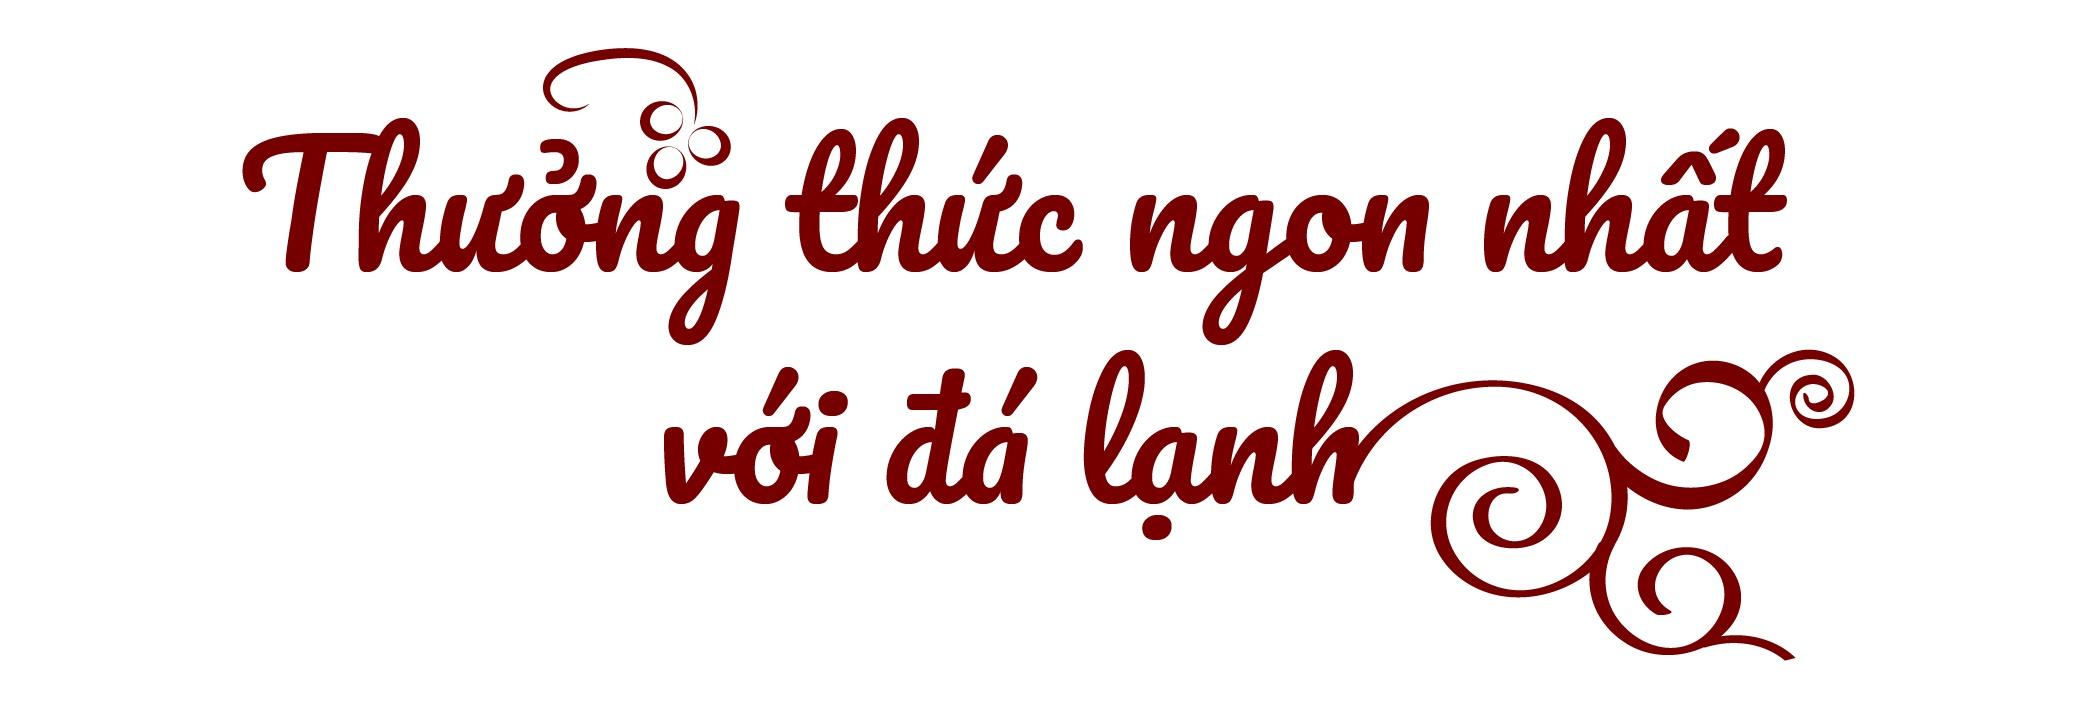 Sangria - thuc uong tiec tung nghin nam cua nguoi Tay Ban Nha hinh anh 6